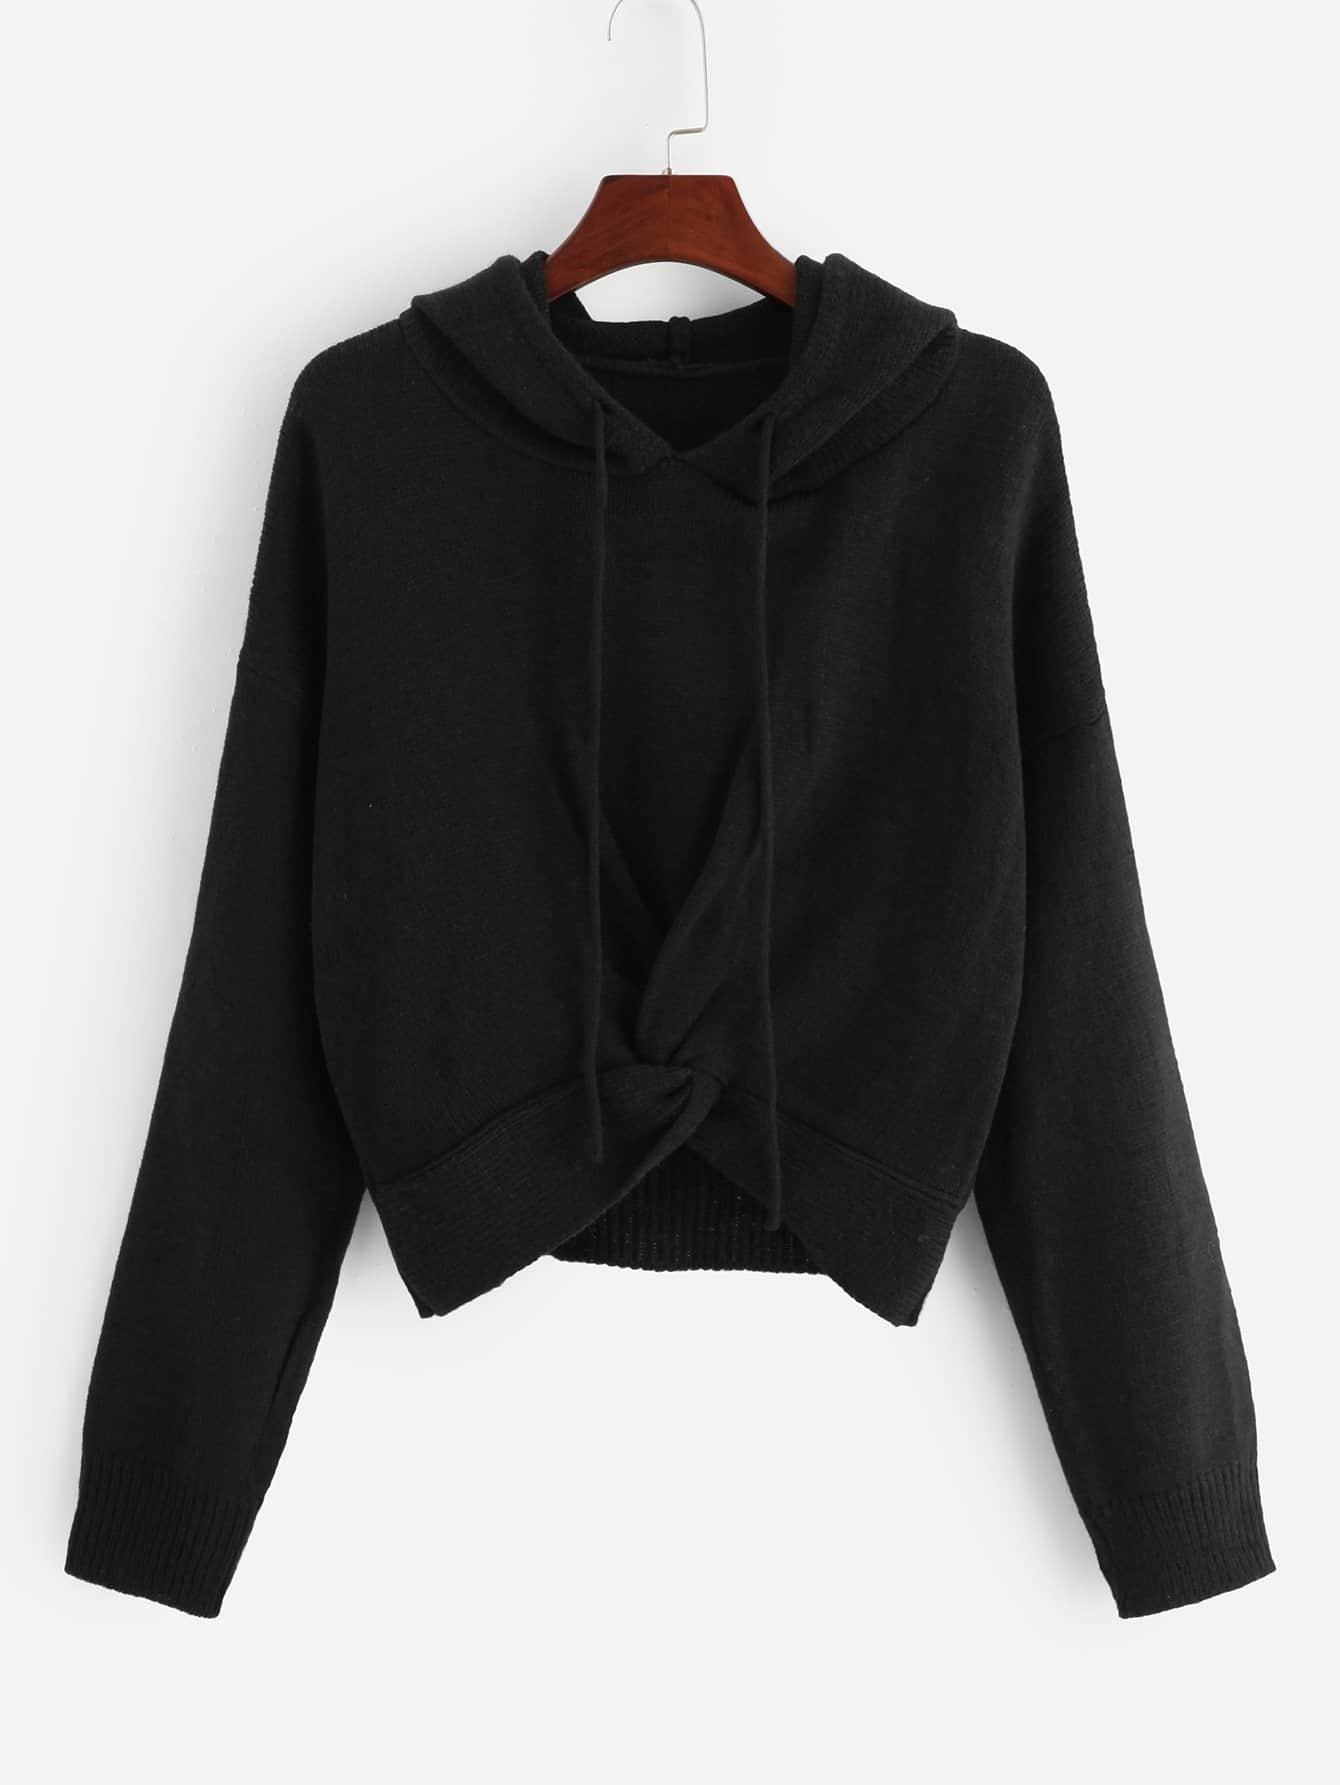 Фото - Одноцветный свитер с капюшоном с кулиской от SheIn черного цвета